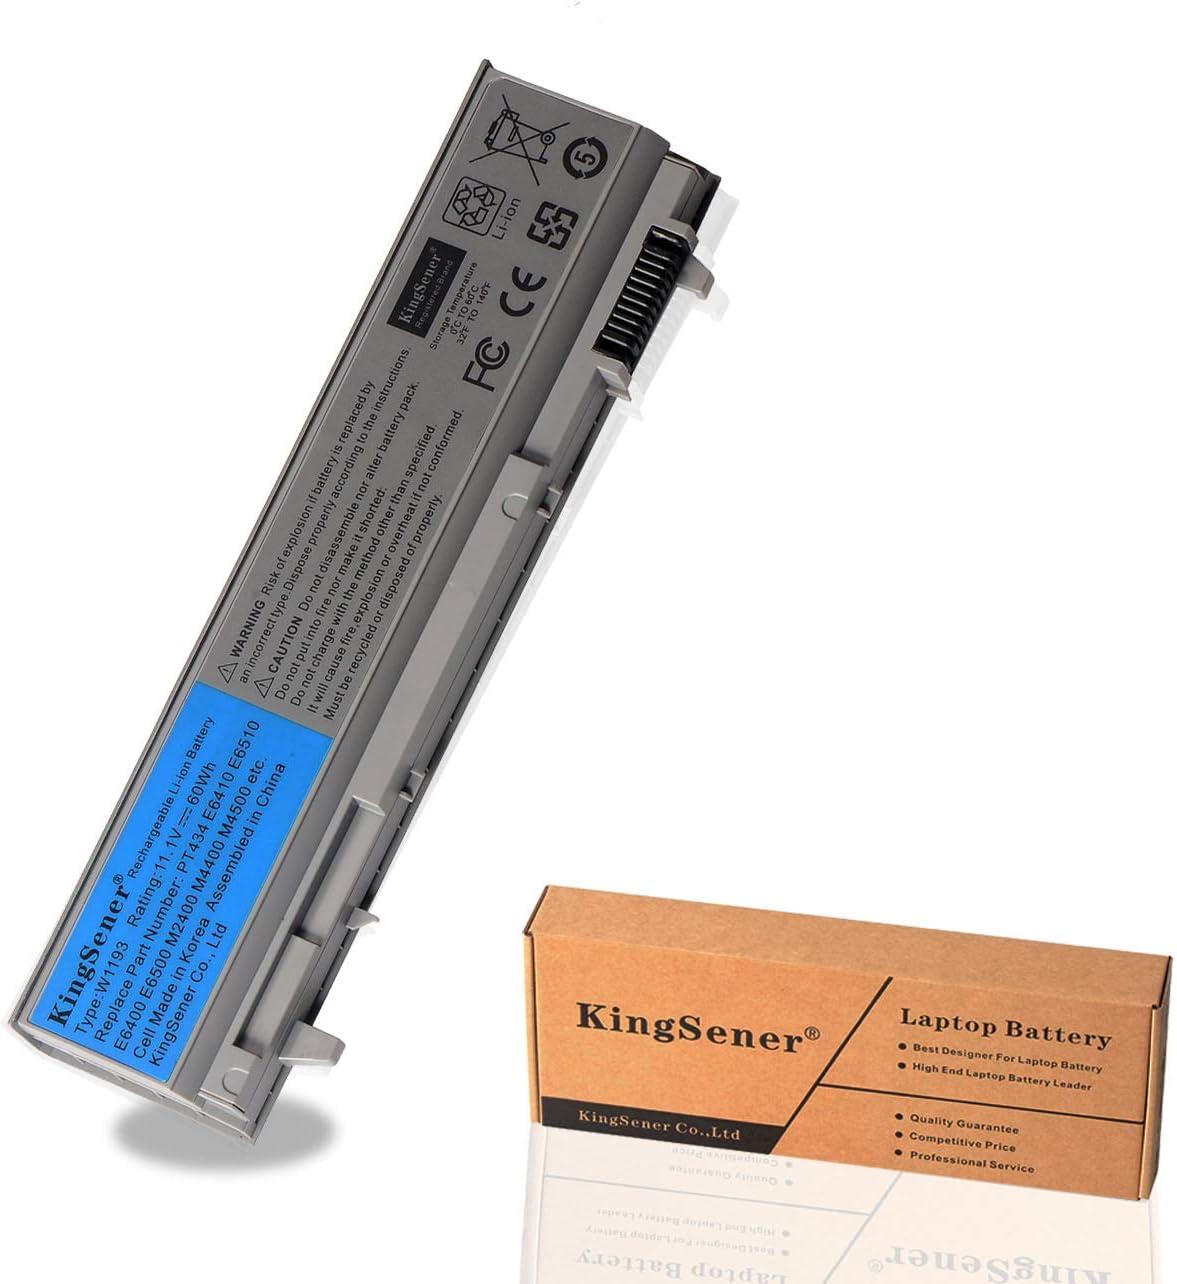 KingSener Korea Cell New W1193 Battery for DELL Latitude E6400 E6410 E6500 E6510 M4400 M6400 PT434 PT436 PT437 KY265 KY266 KY268